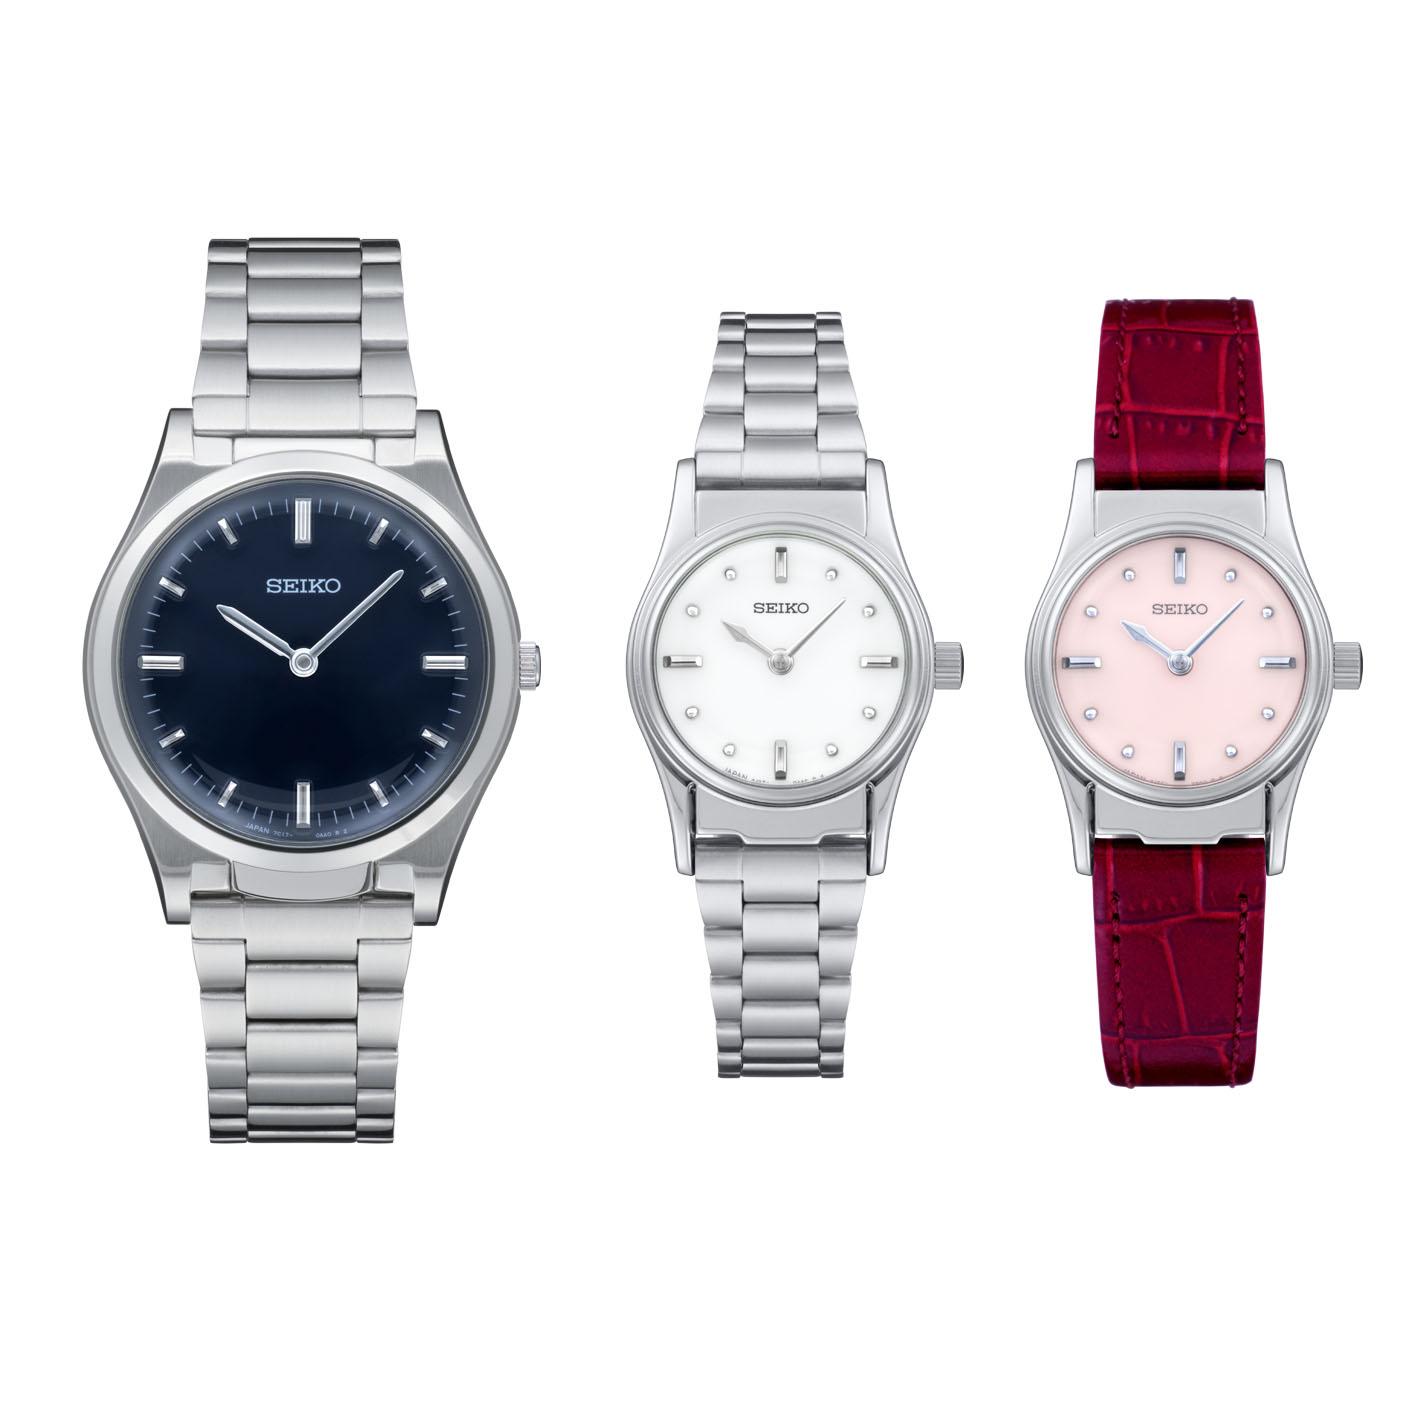 3つの触読時計の写真